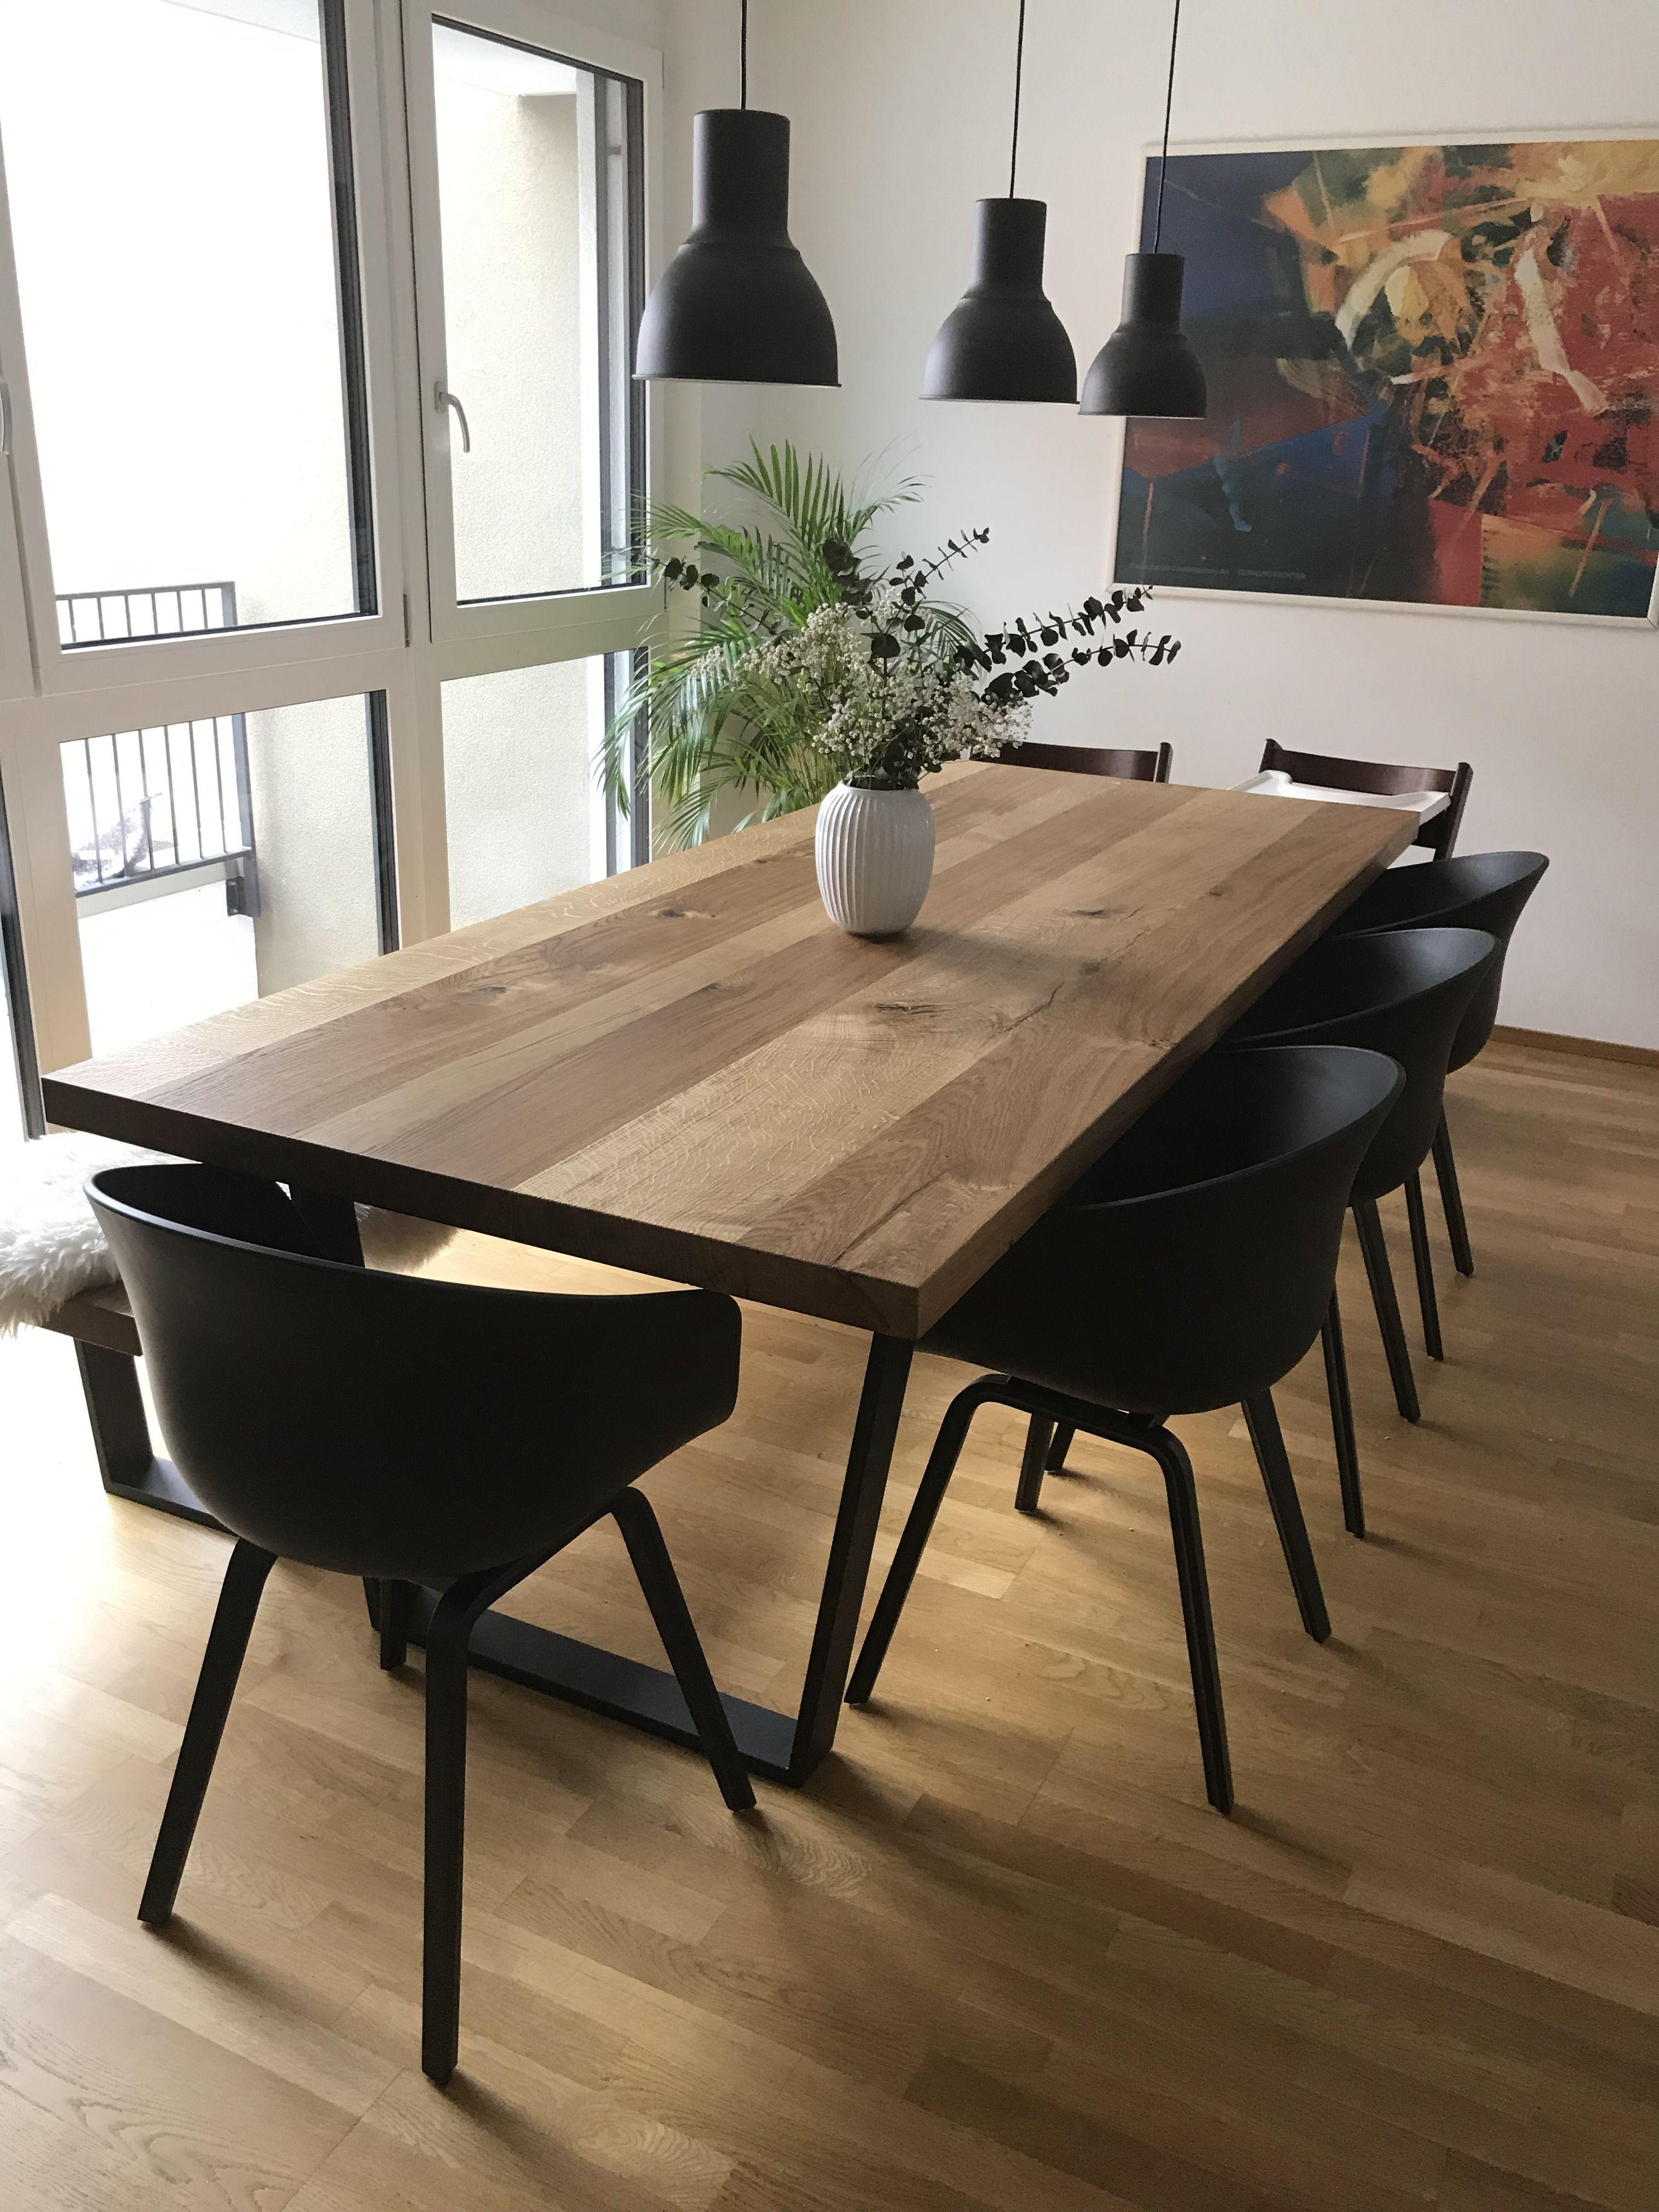 Esstisch mit schwarzen Stühlen design | Esstisch, Esstisch